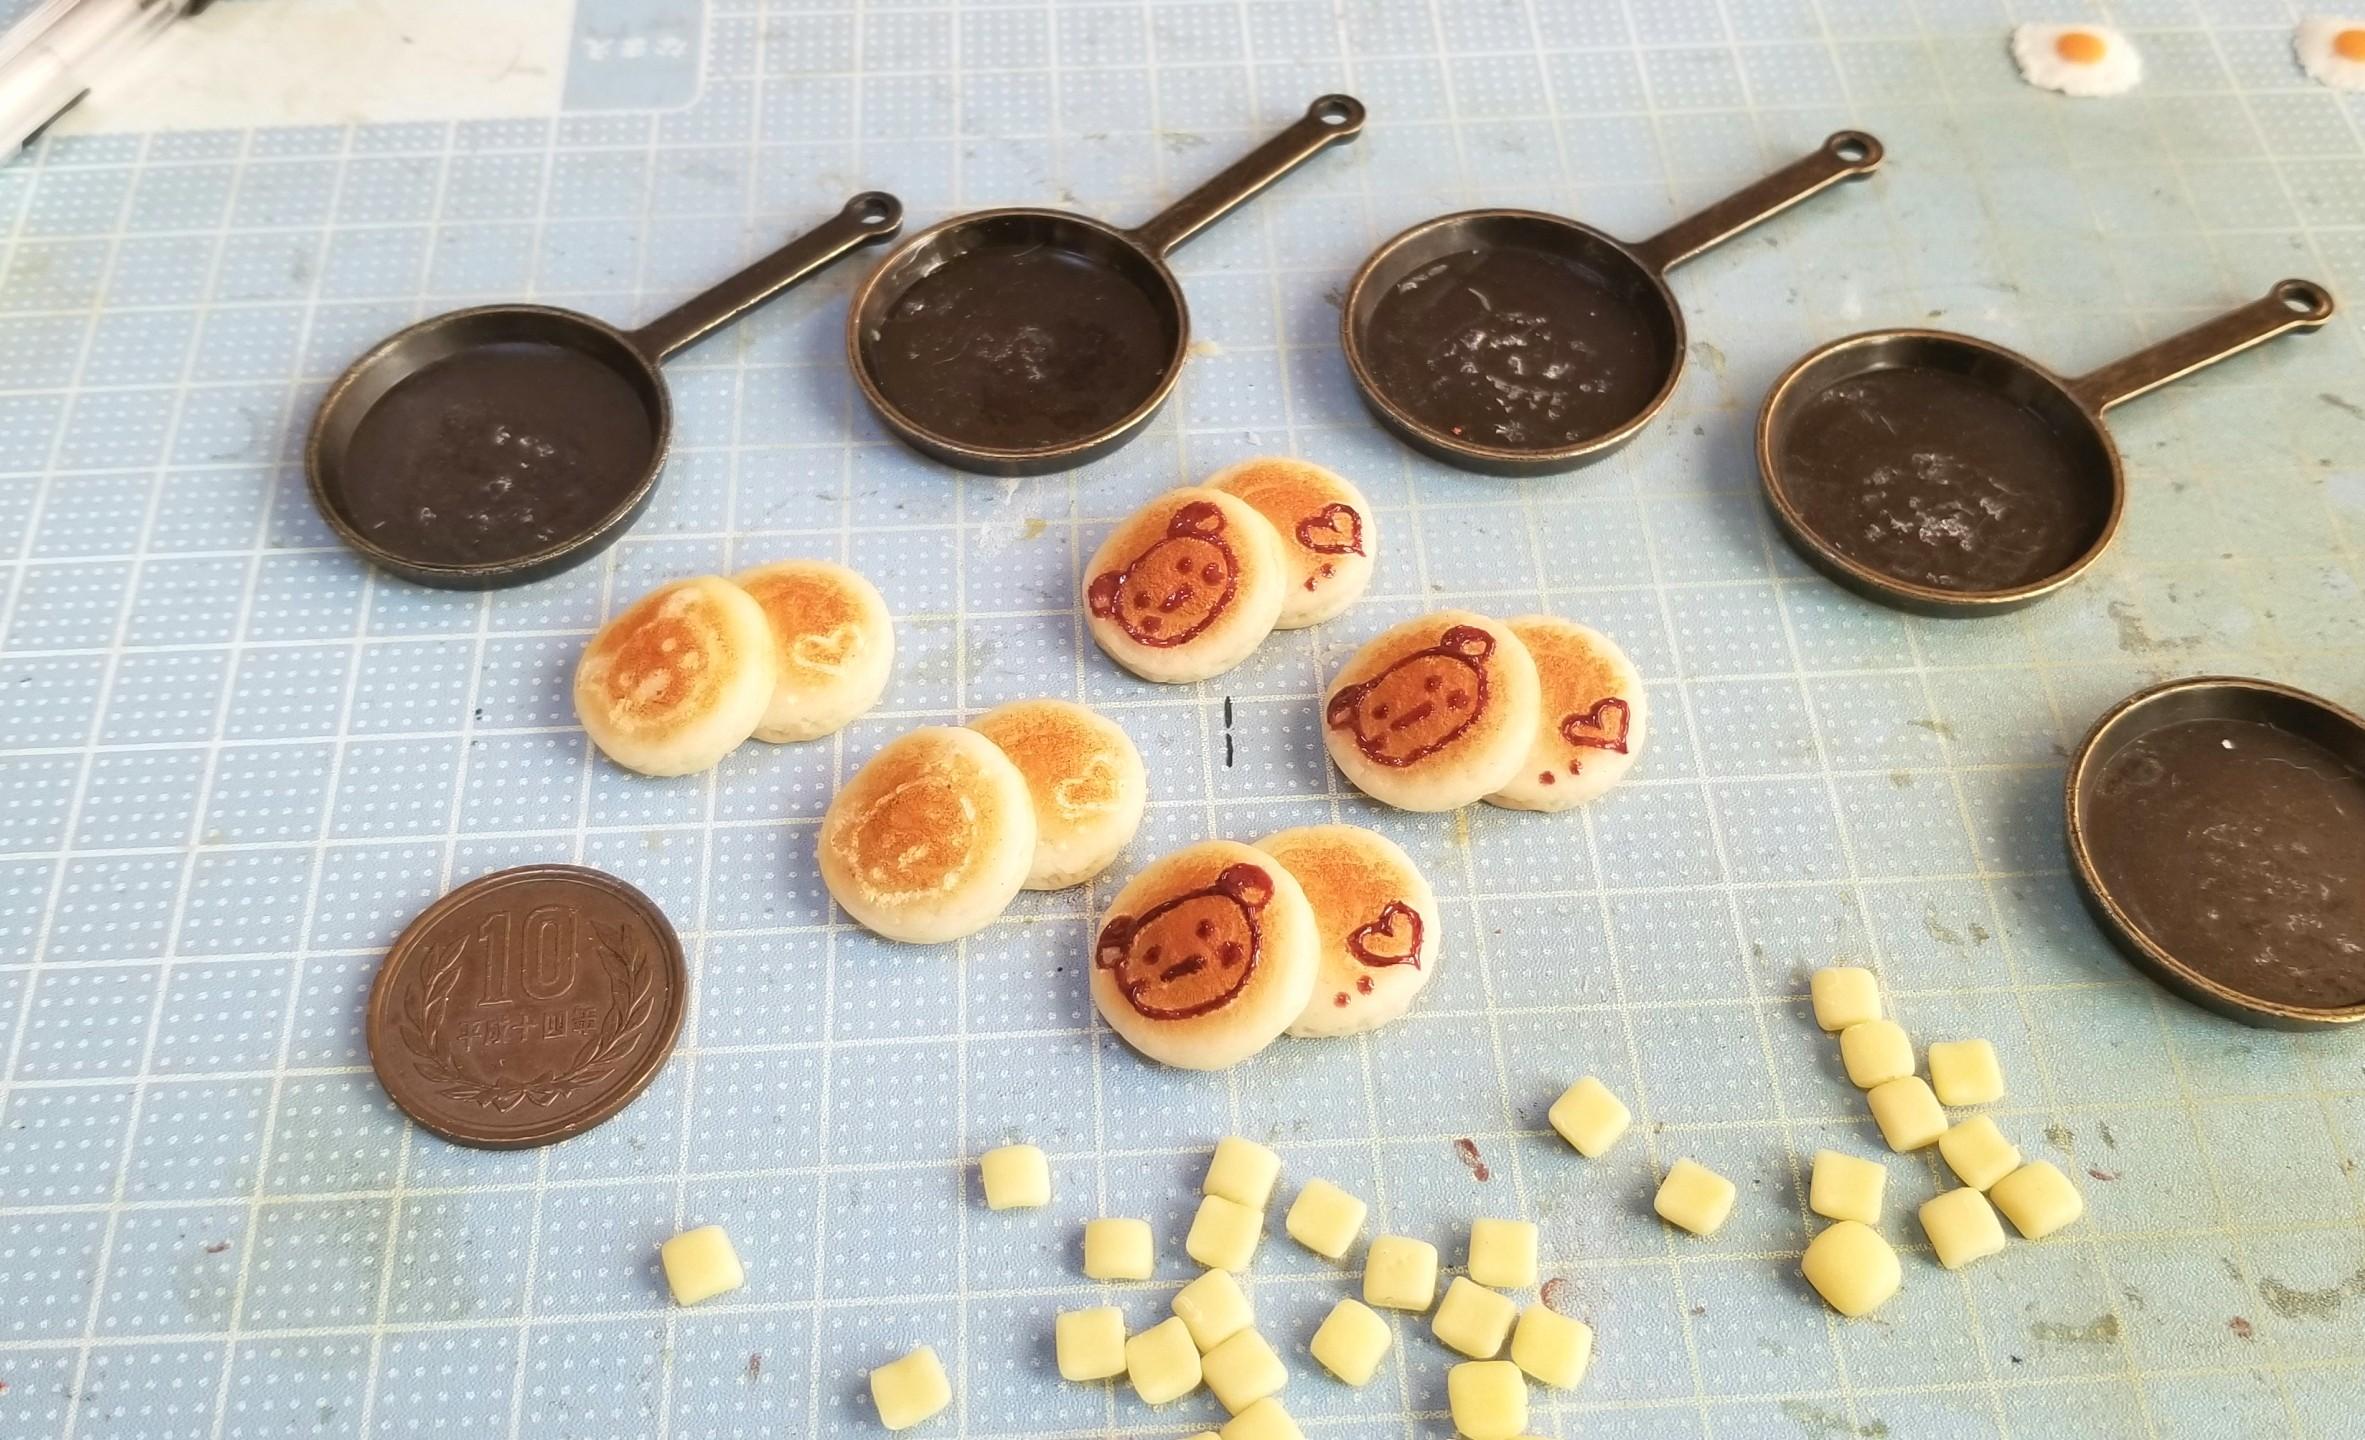 ミニチュアフード,クマちゃんホットケーキの作り方,ドールハウス